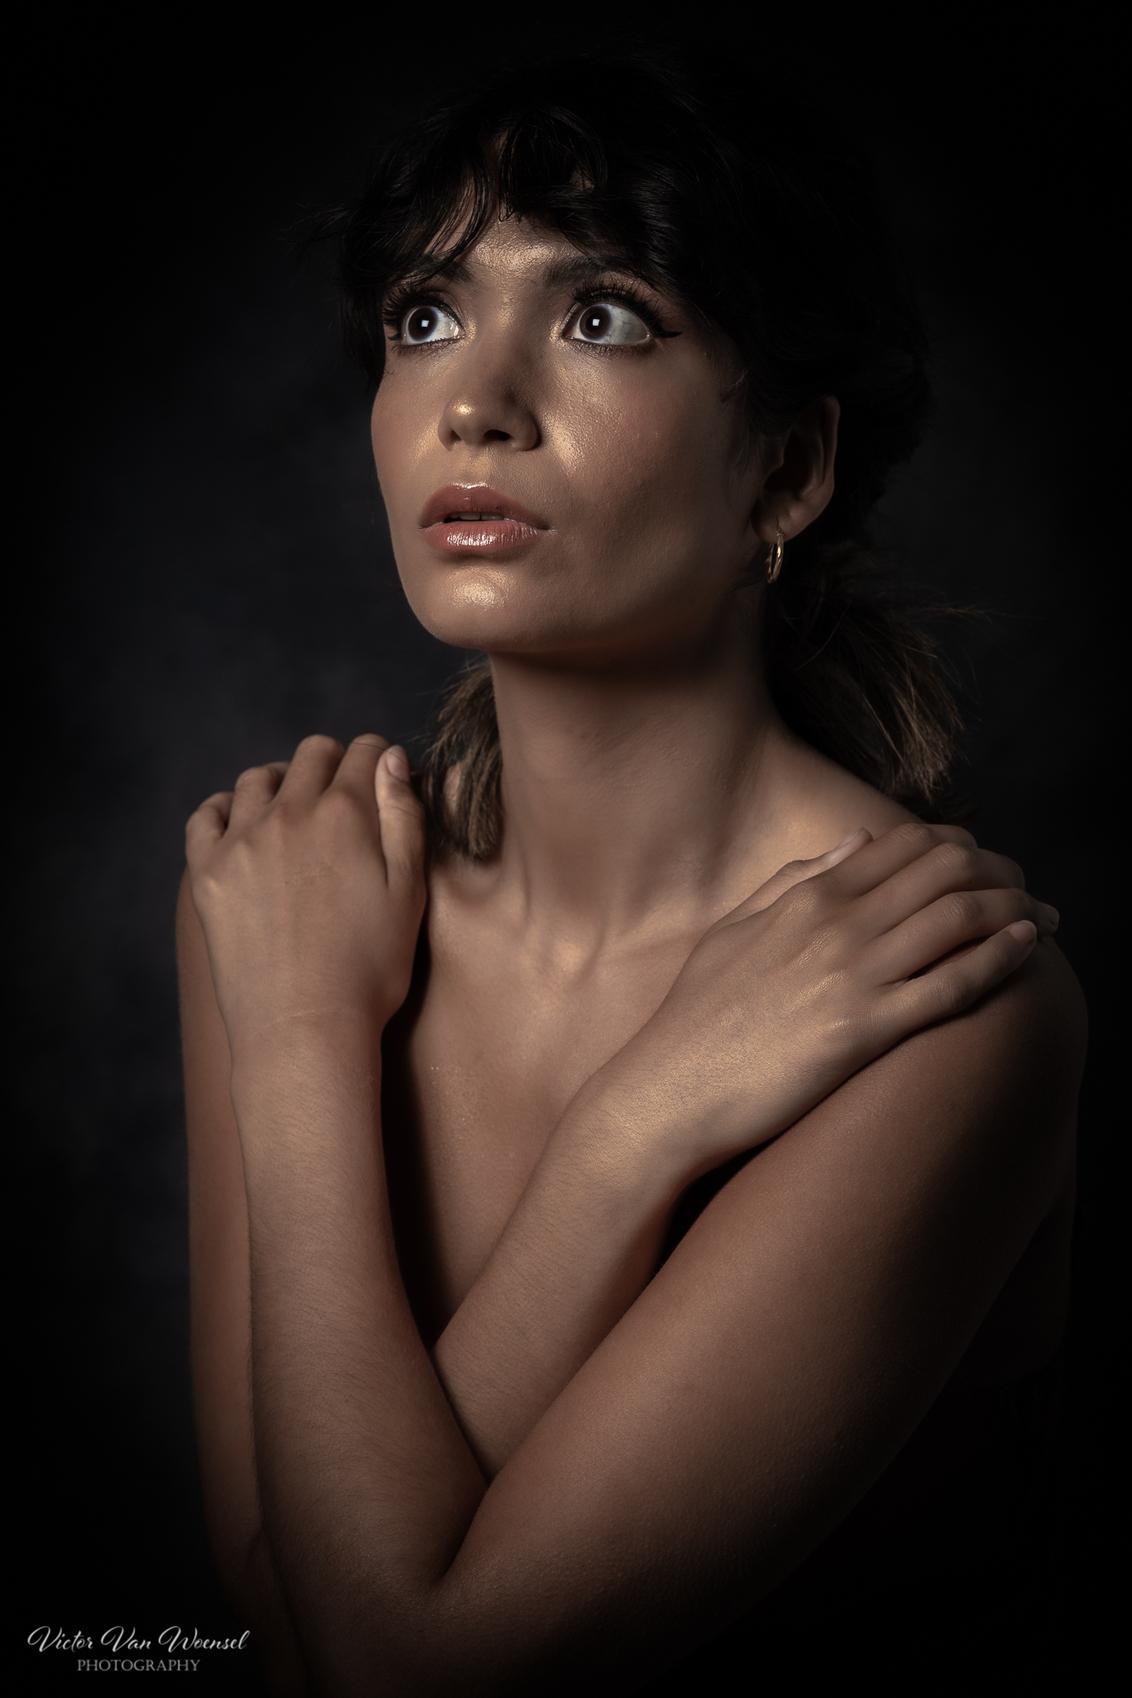 Jaz Pola - - - foto door Victorvw op 22-06-2020 - deze foto bevat: vrouw, donker, portret, model, flits, ogen, meisje, beauty, glamour, studio, photoshop, fotoshoot, flitser, lowkey